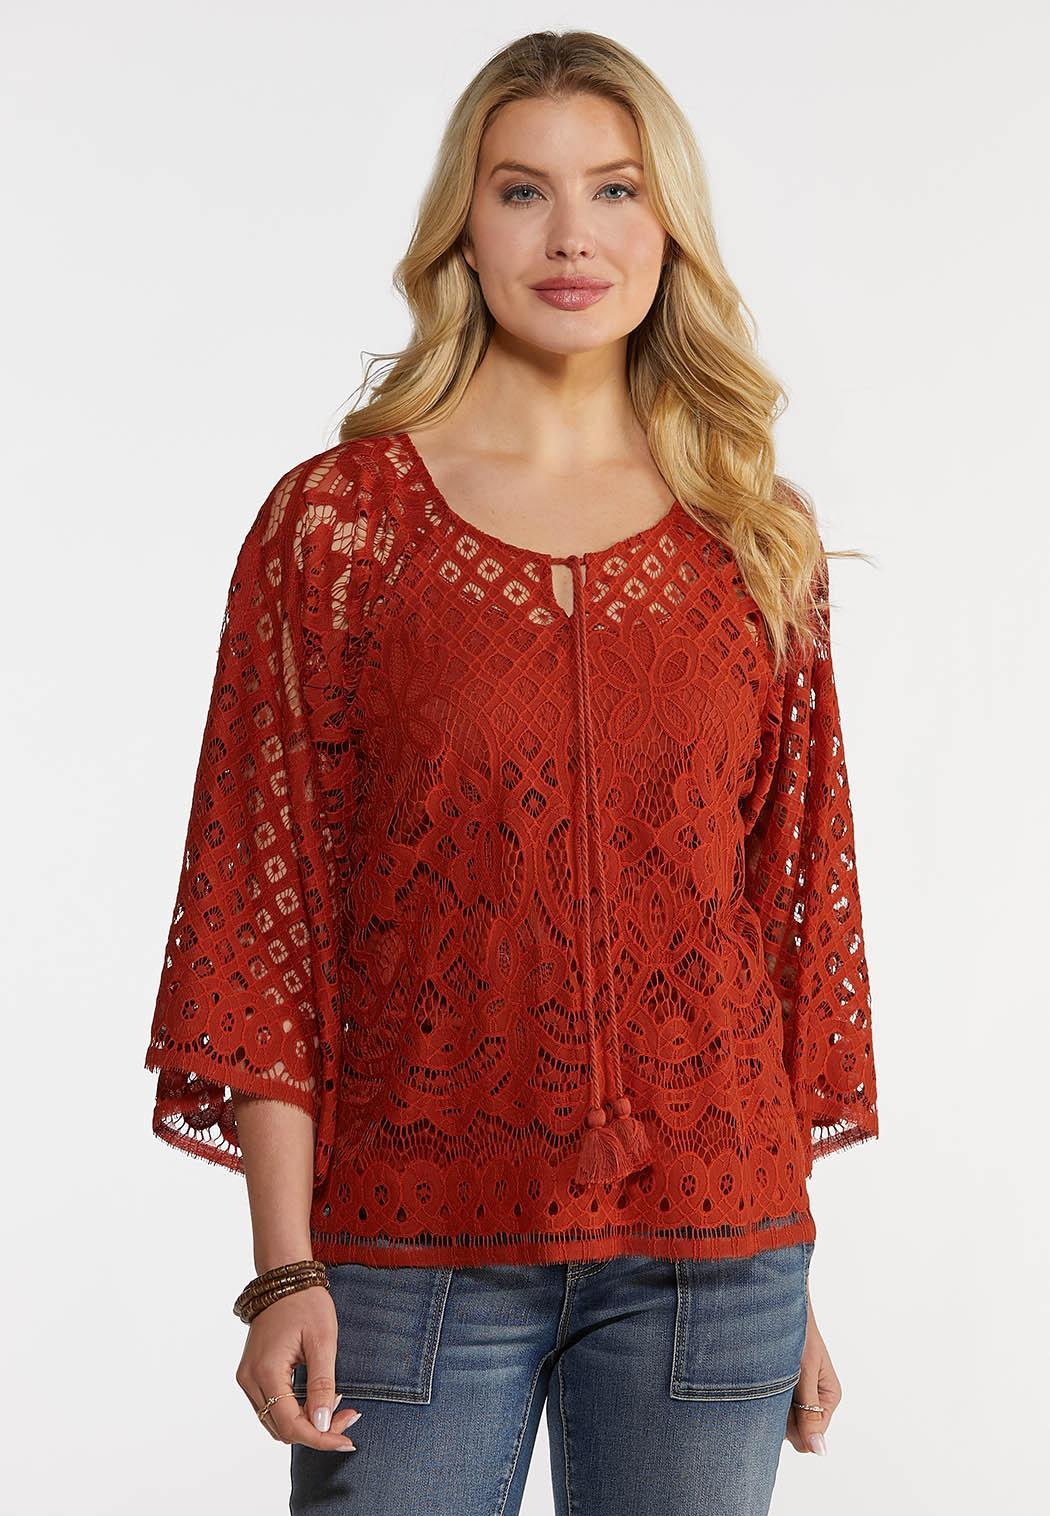 Tassel Tie Crochet Top